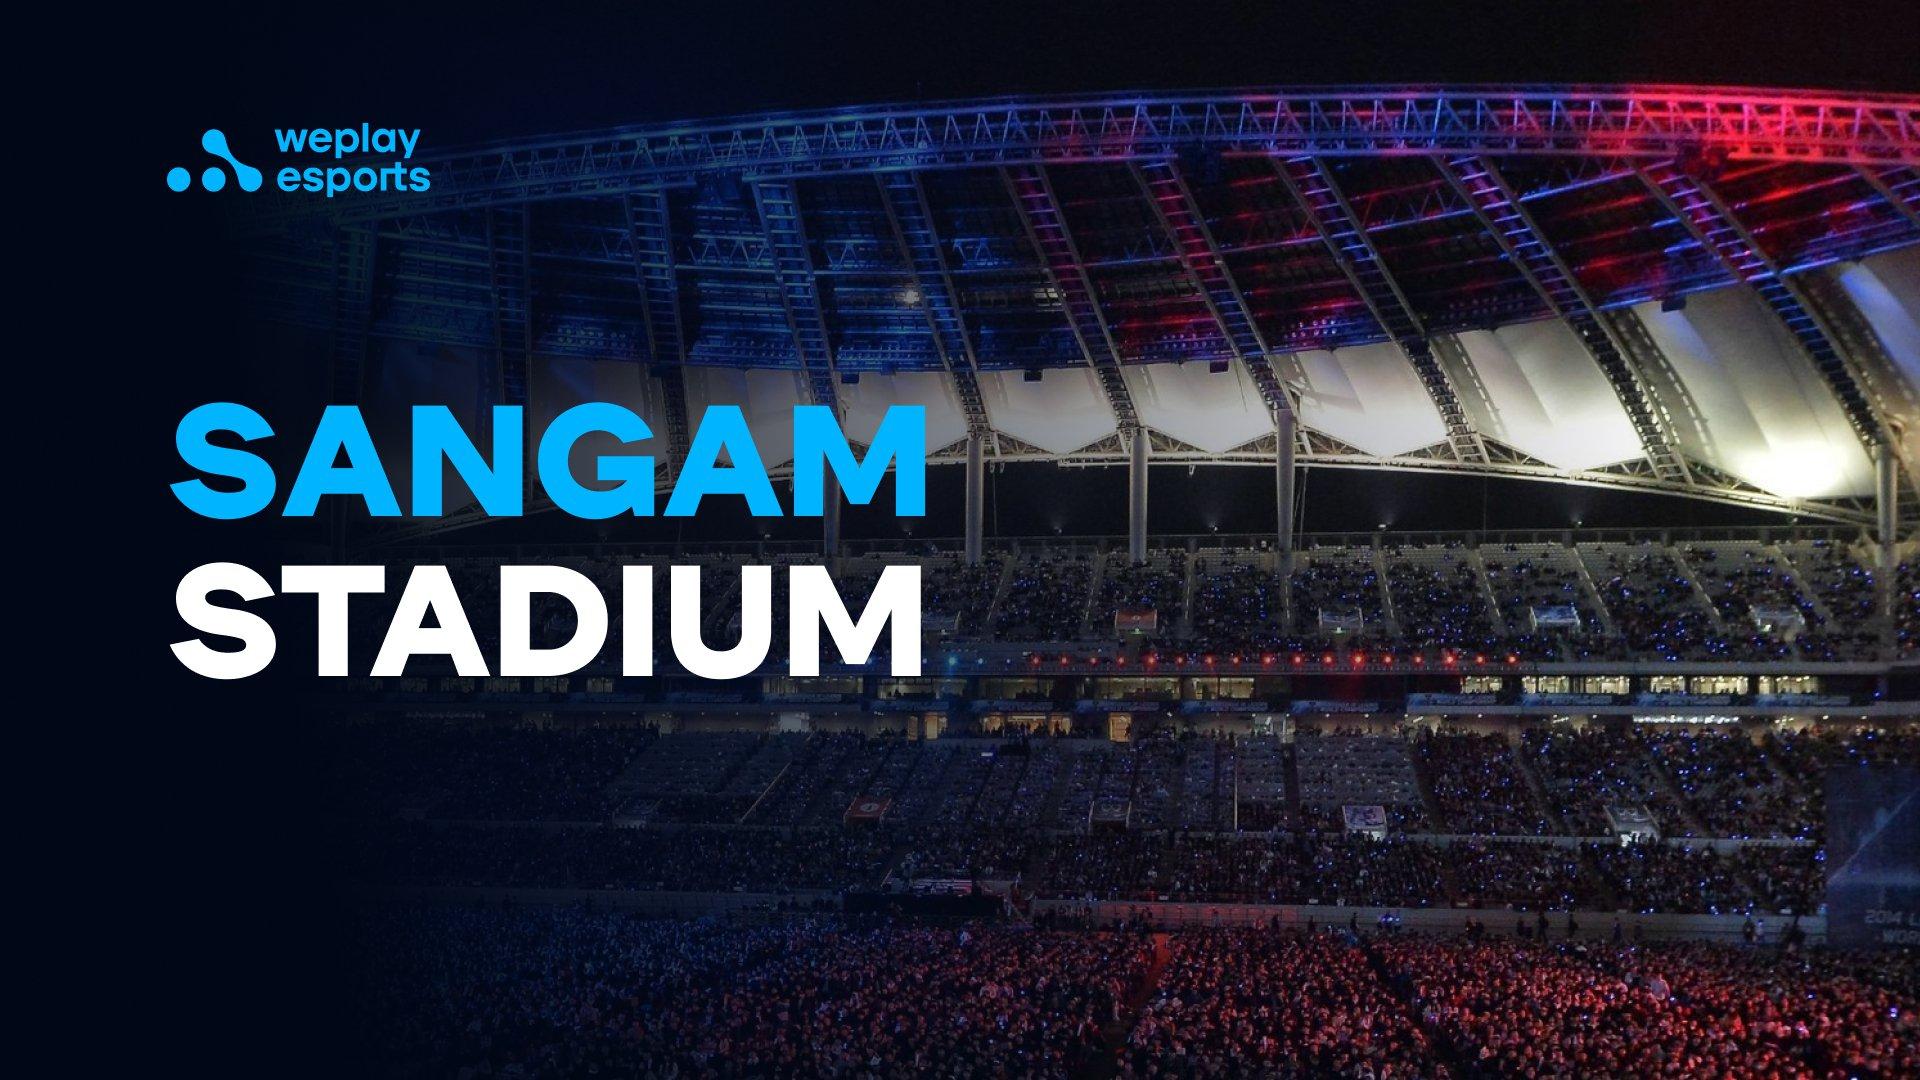 Sangam Stadium